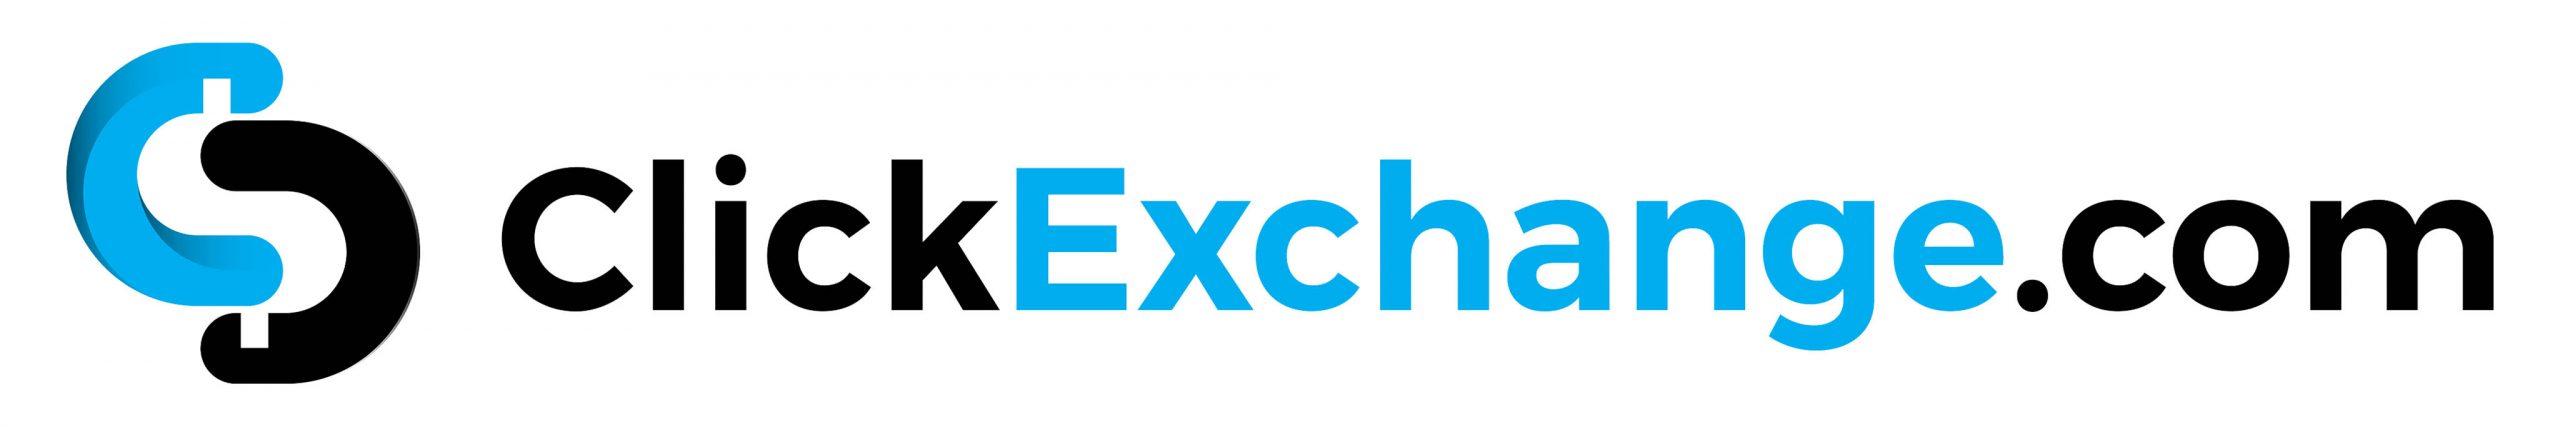 ClickExchange.com